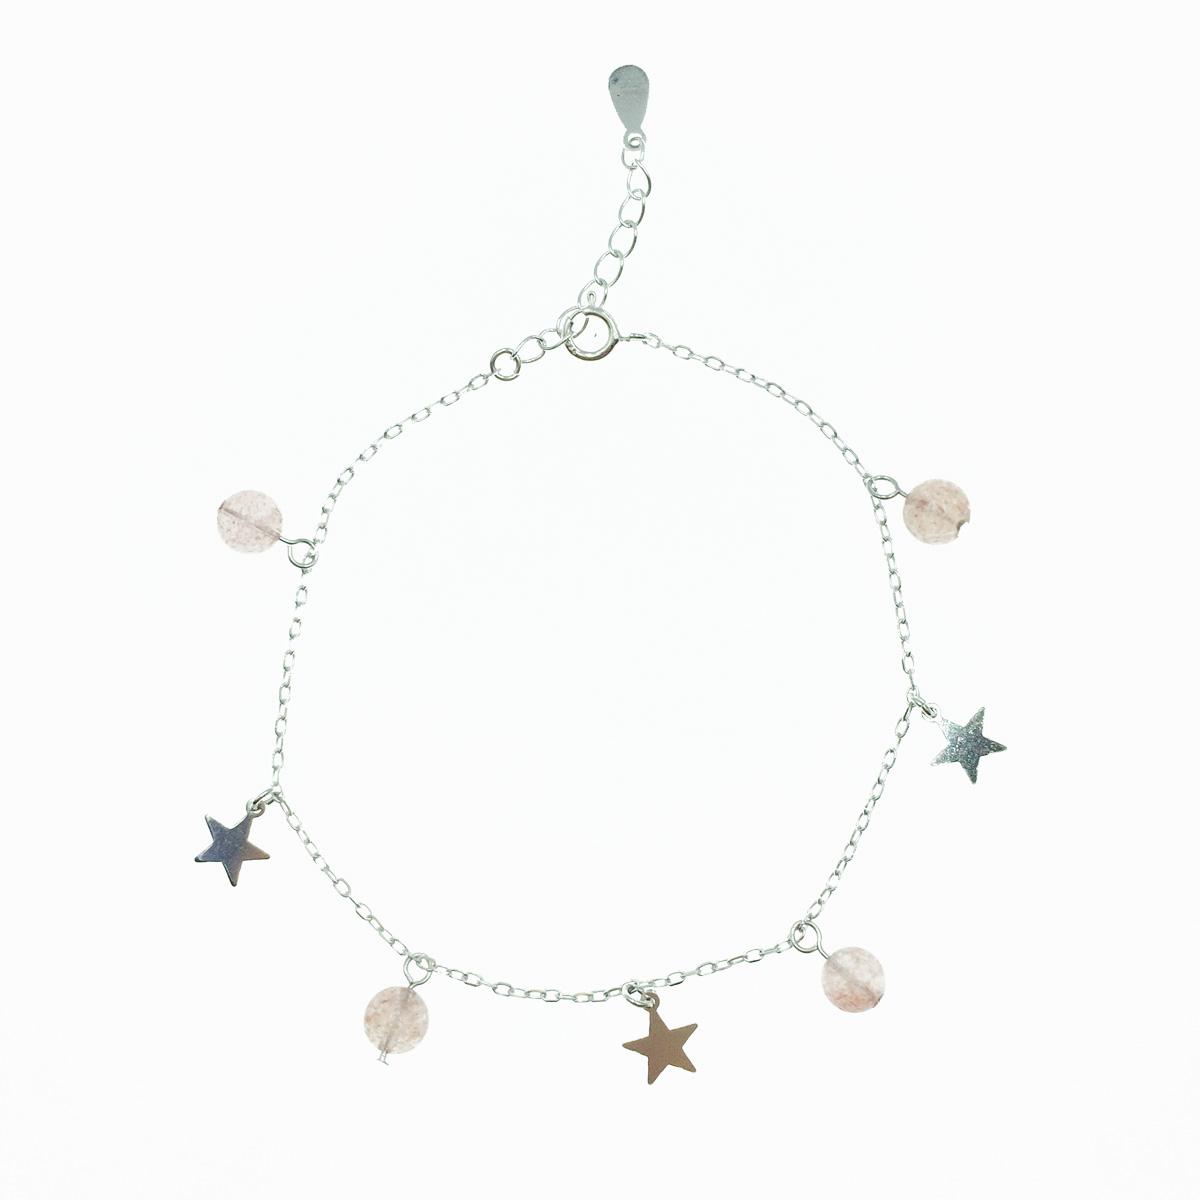 韓國 925純銀 星星 墜飾 珠珠 質感 手飾 手鍊